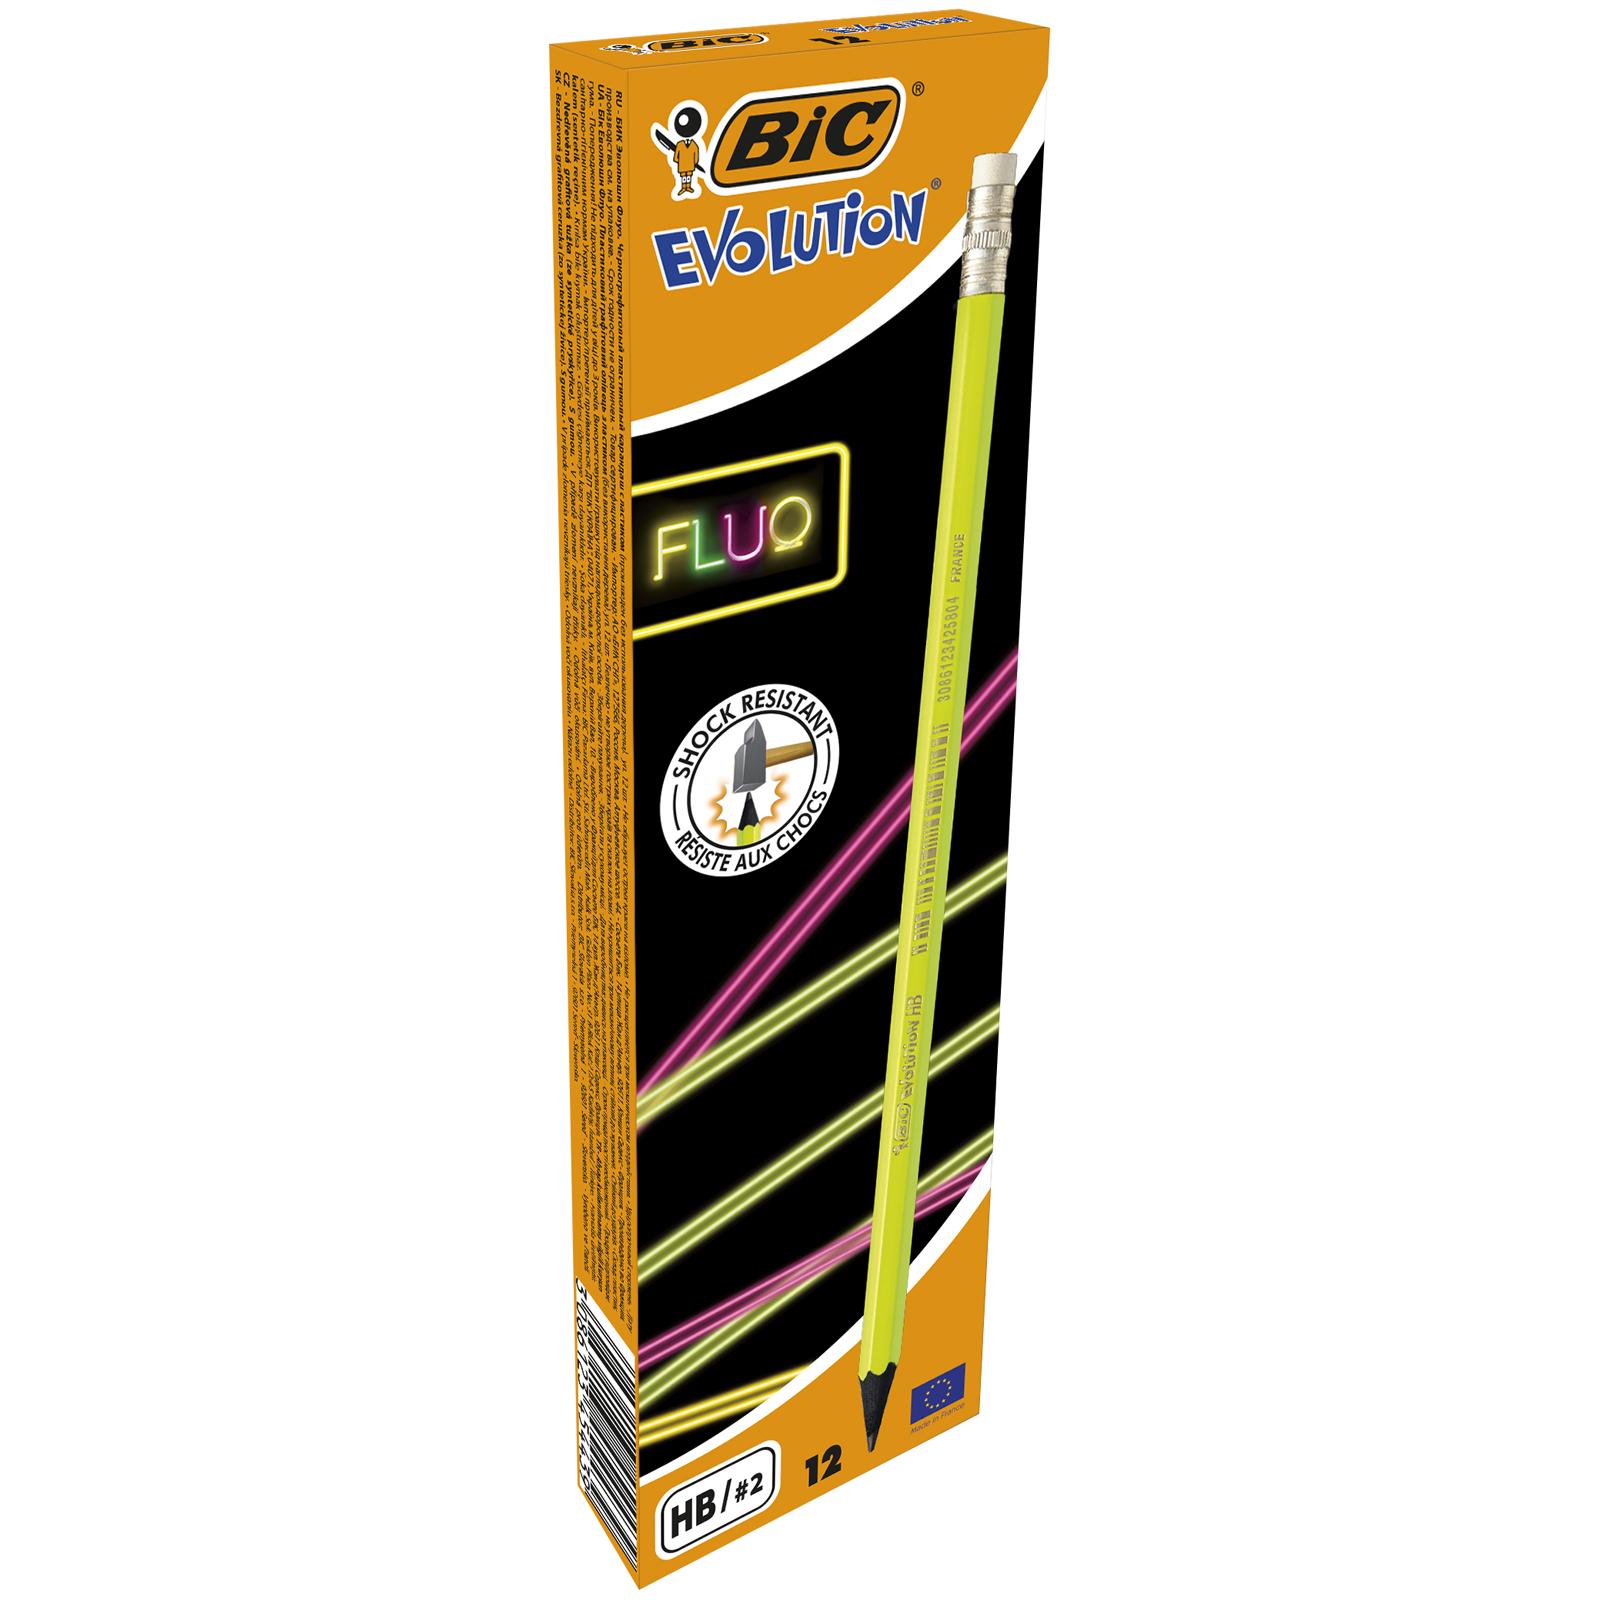 BIC Evolution FLUO - Pack de 12 crayons à papier - couleurs assorties